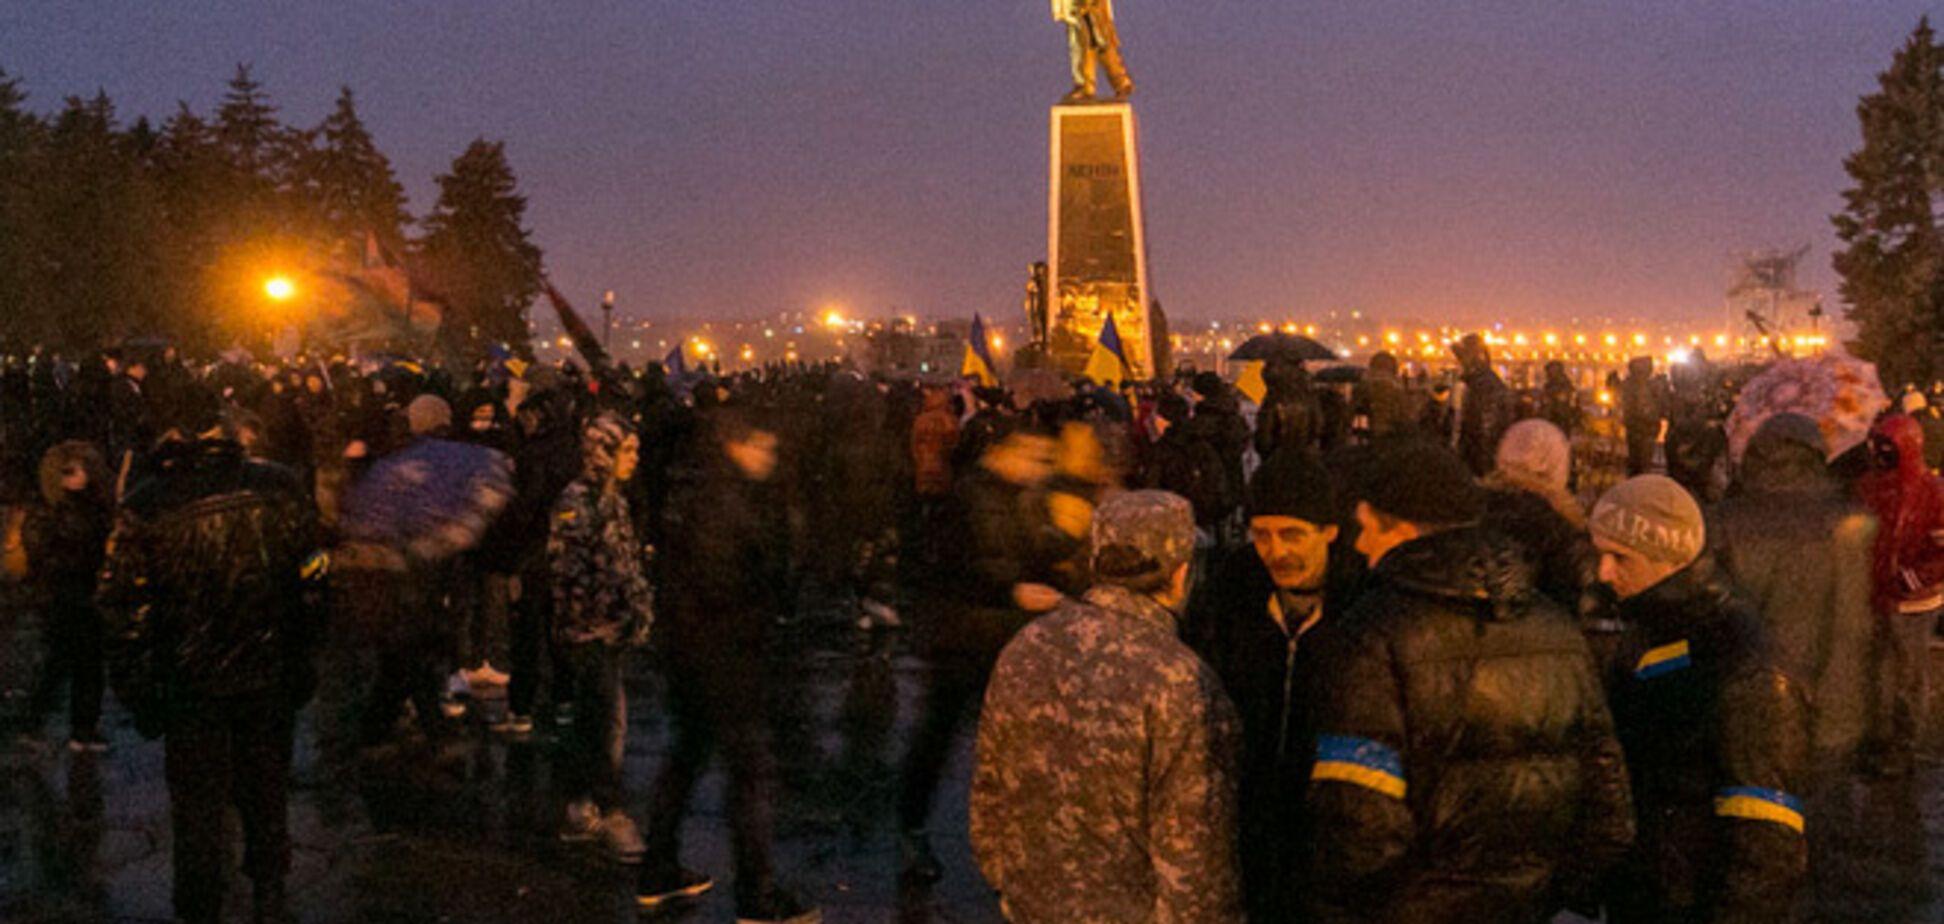 Не снесли. В Запорожье обсуждают легальный демонтаж памятника Ленину